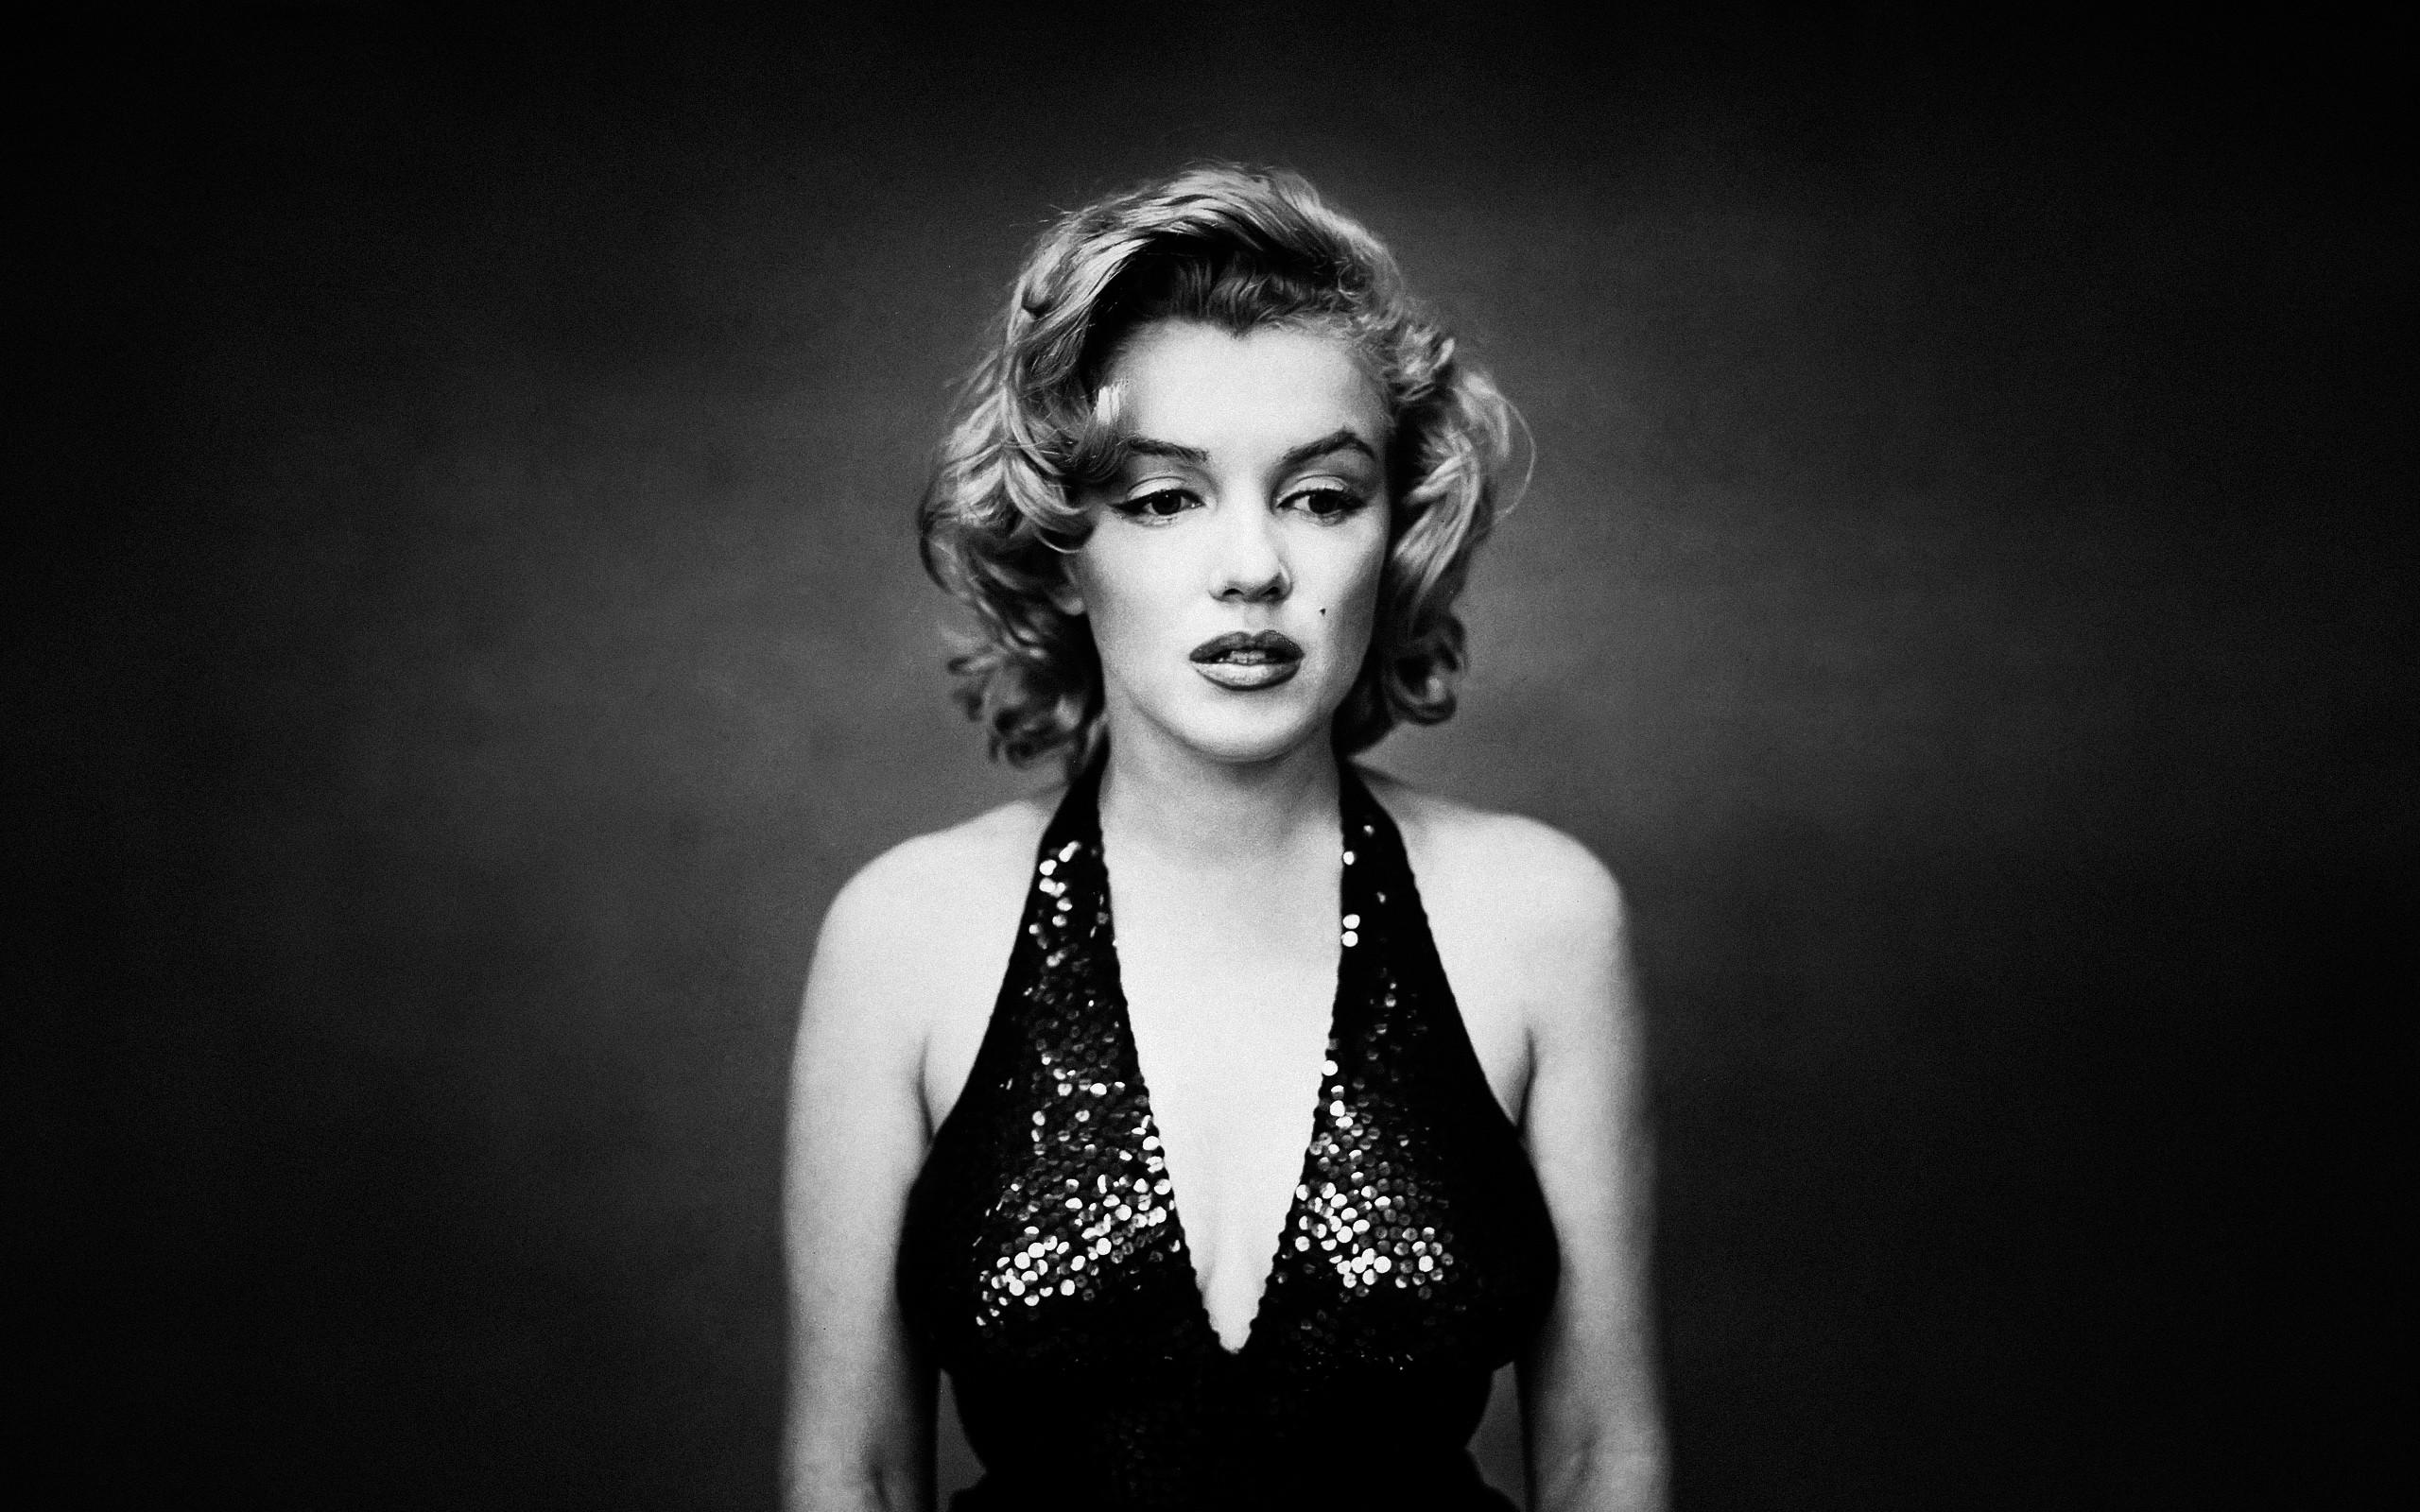 marilyn-monroe-1957-avedon-cult-cultgallery-photography